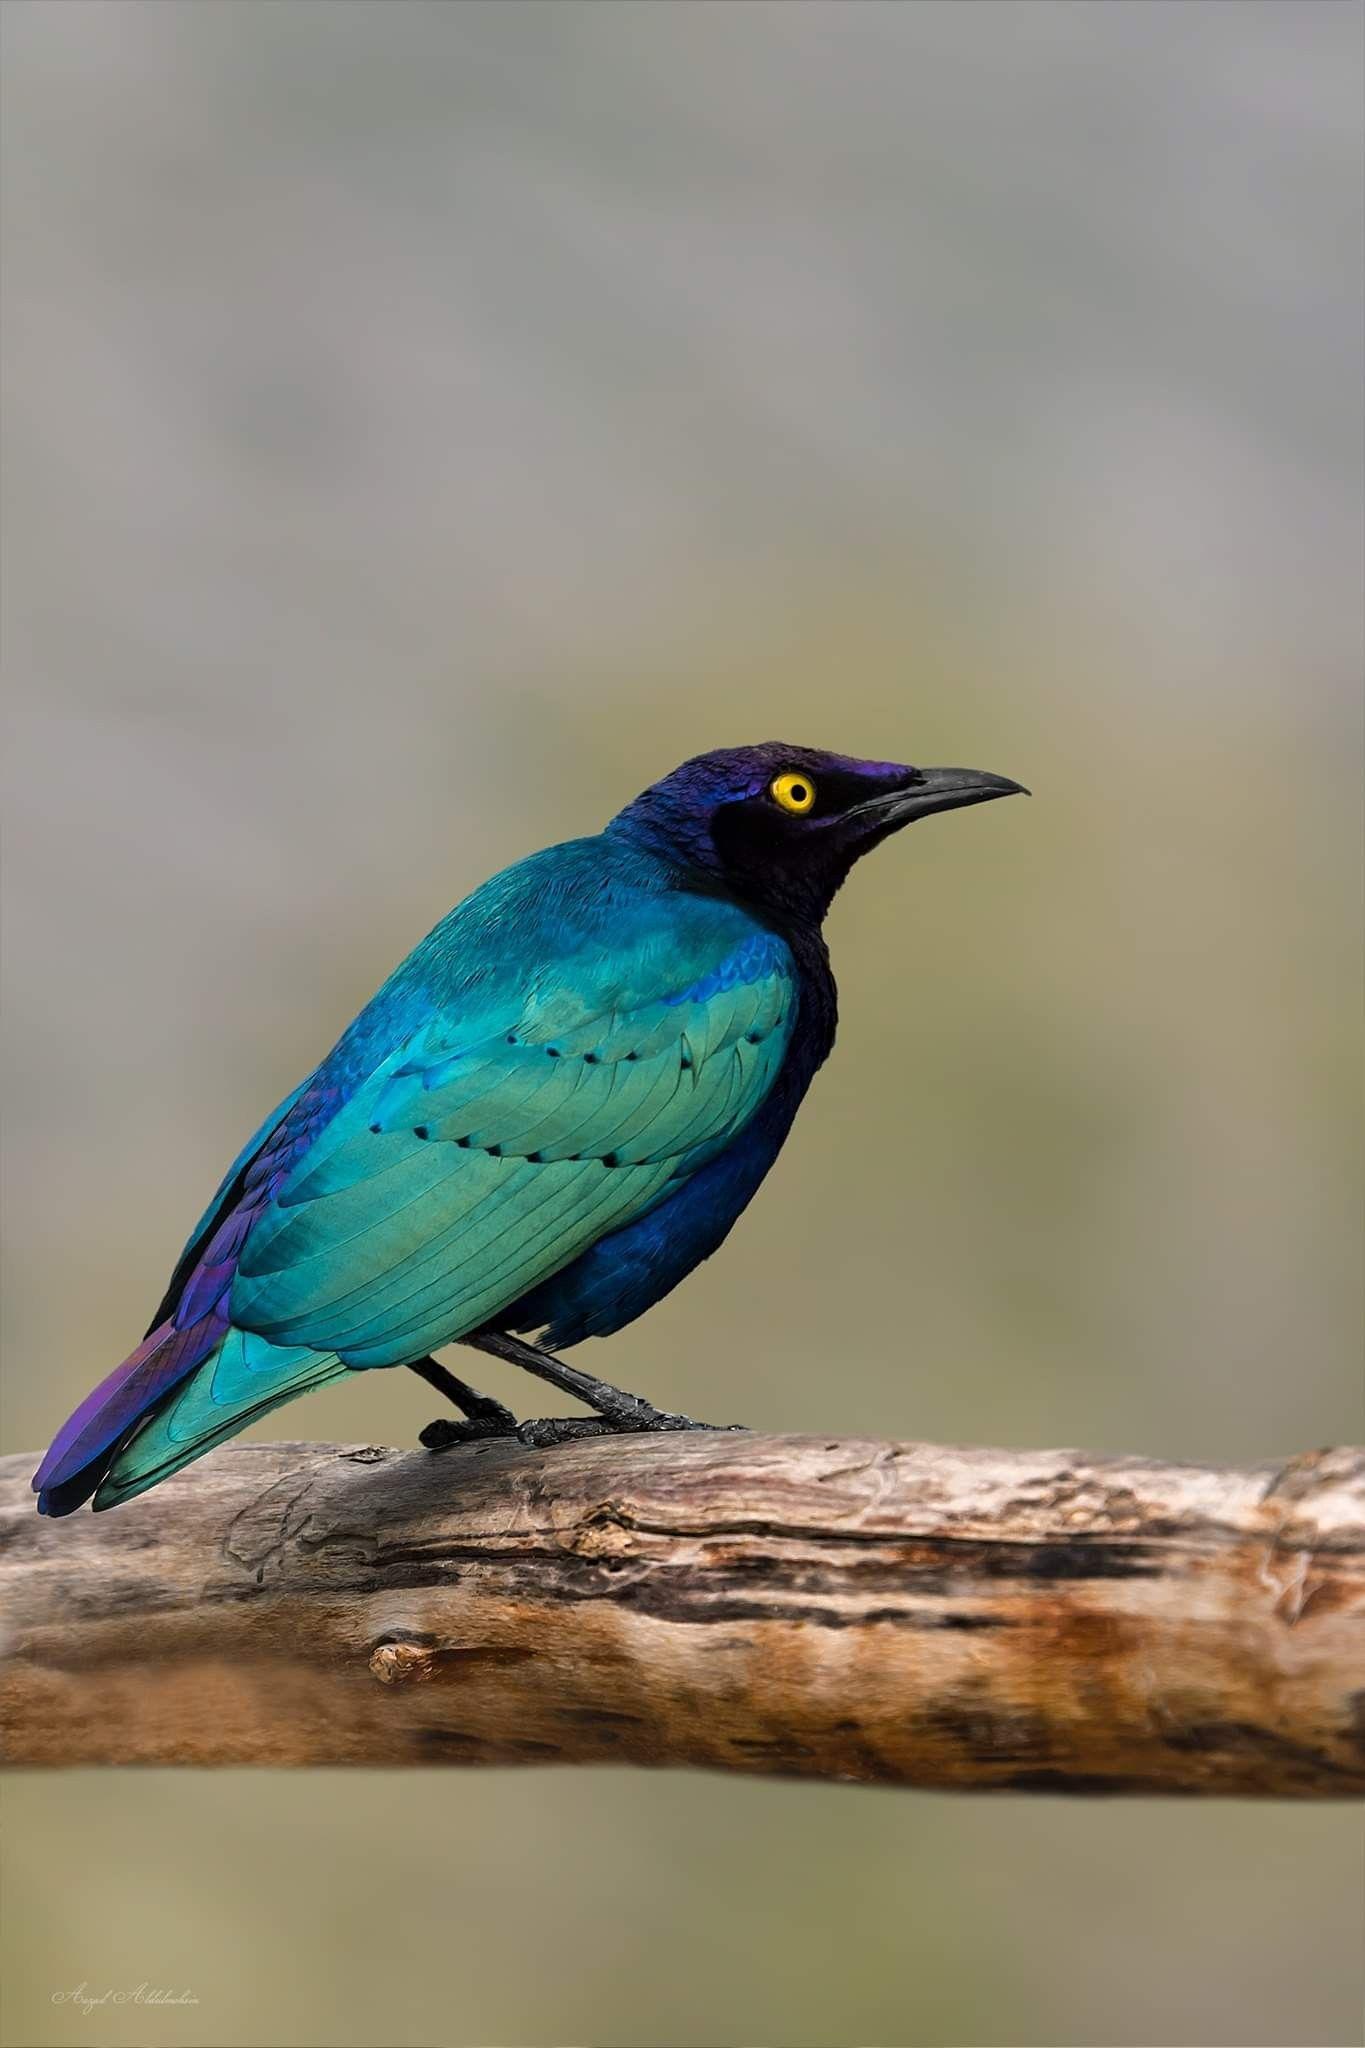 الزرزور الأفريقي Creature Bird Pictures Birds Creatures